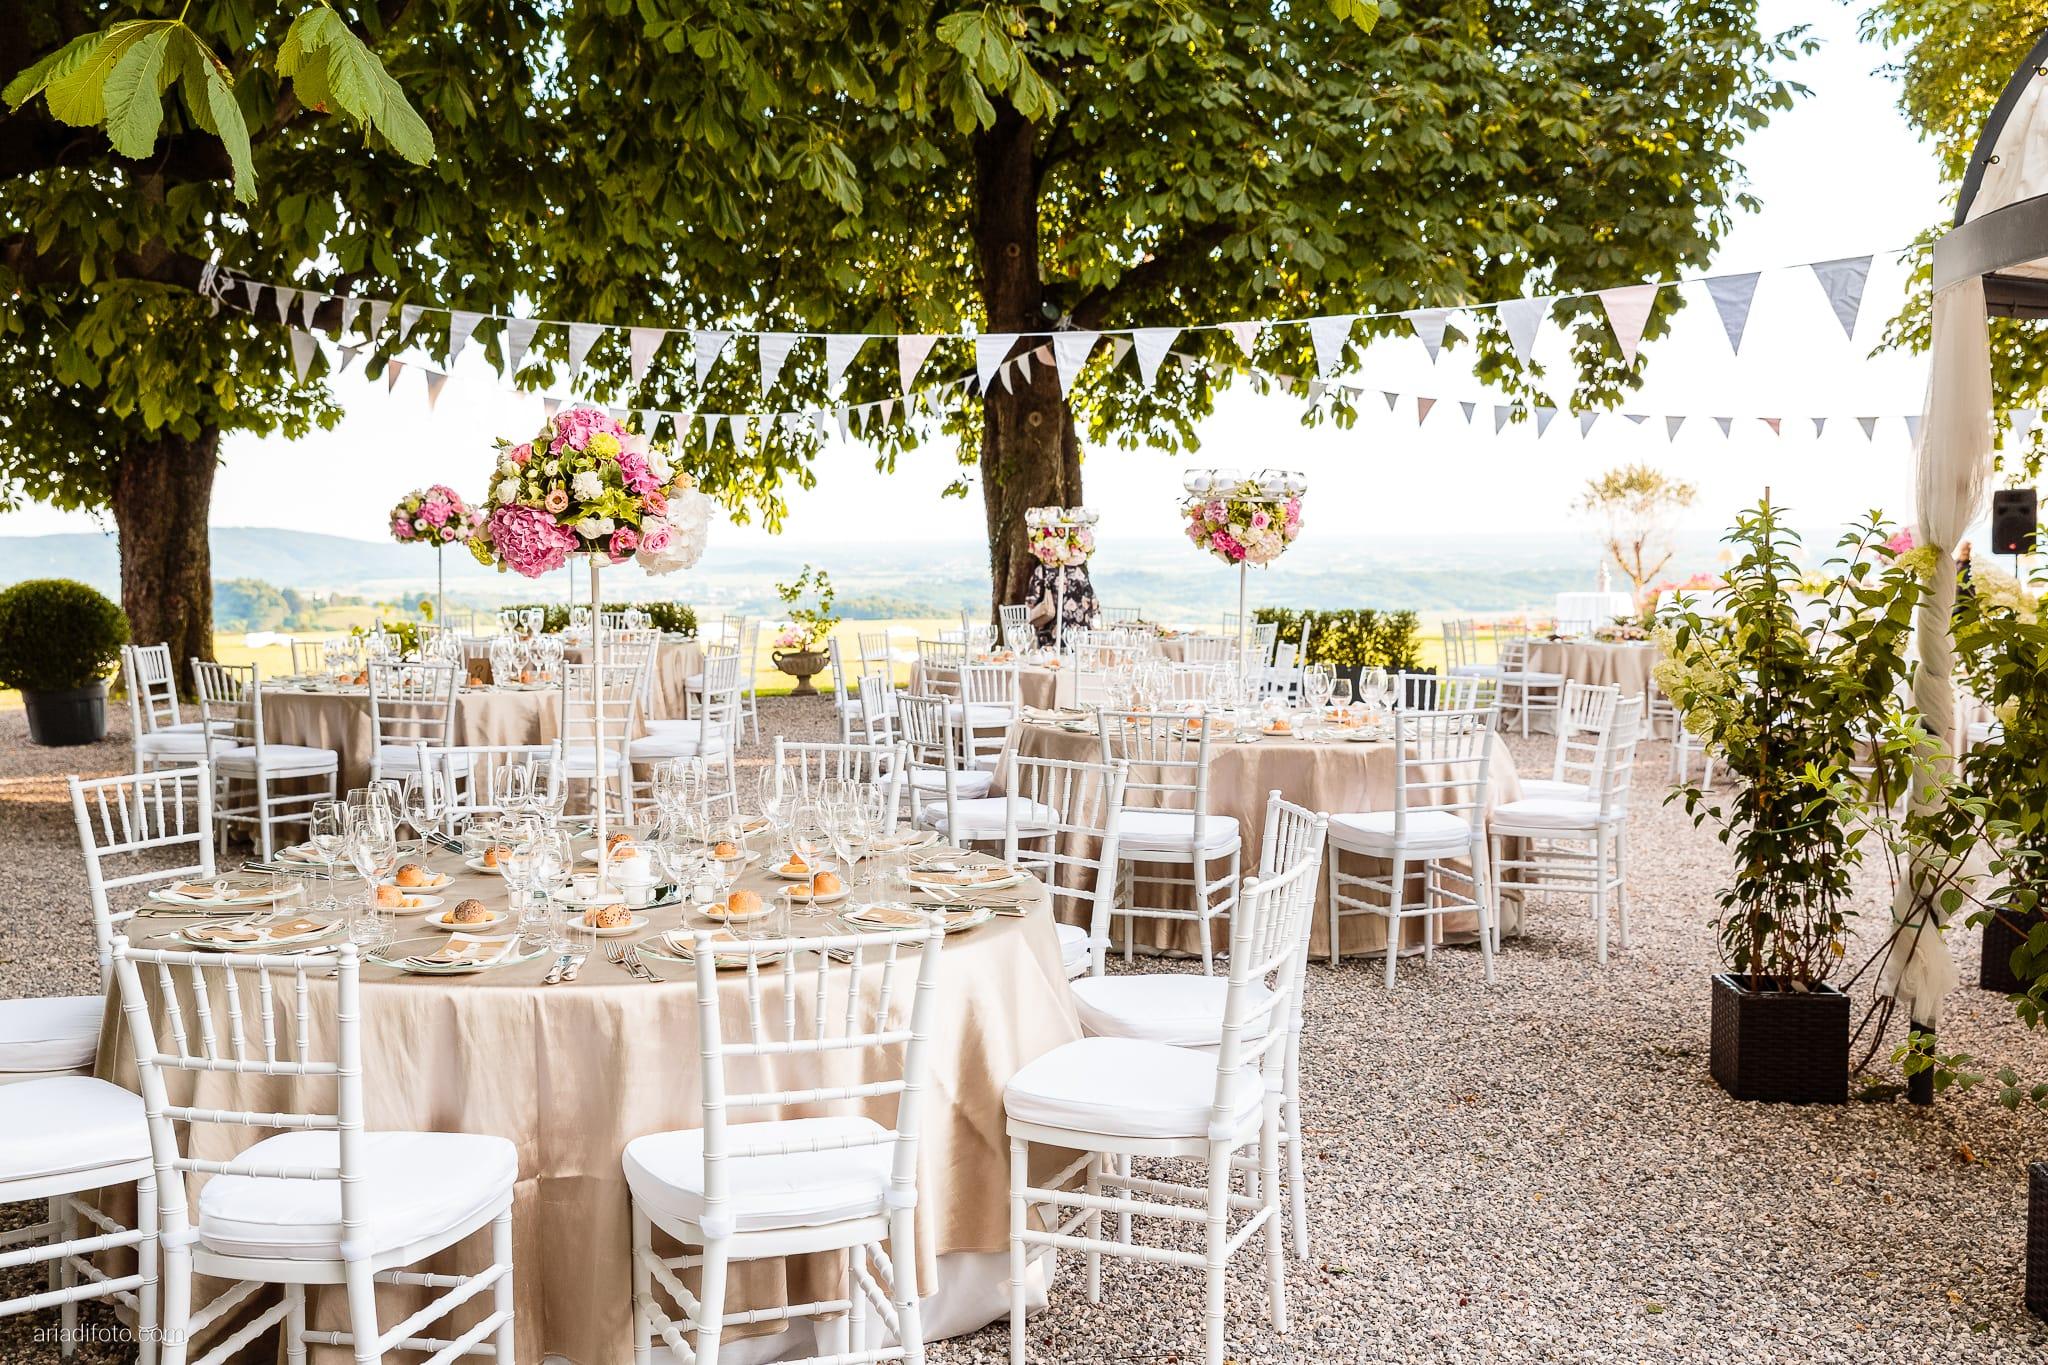 Sofia Mario Matrimonio Baronesse Tacco Collio Gorizia ricevimento dettagli sala allestimenti decorazioni centrotavola